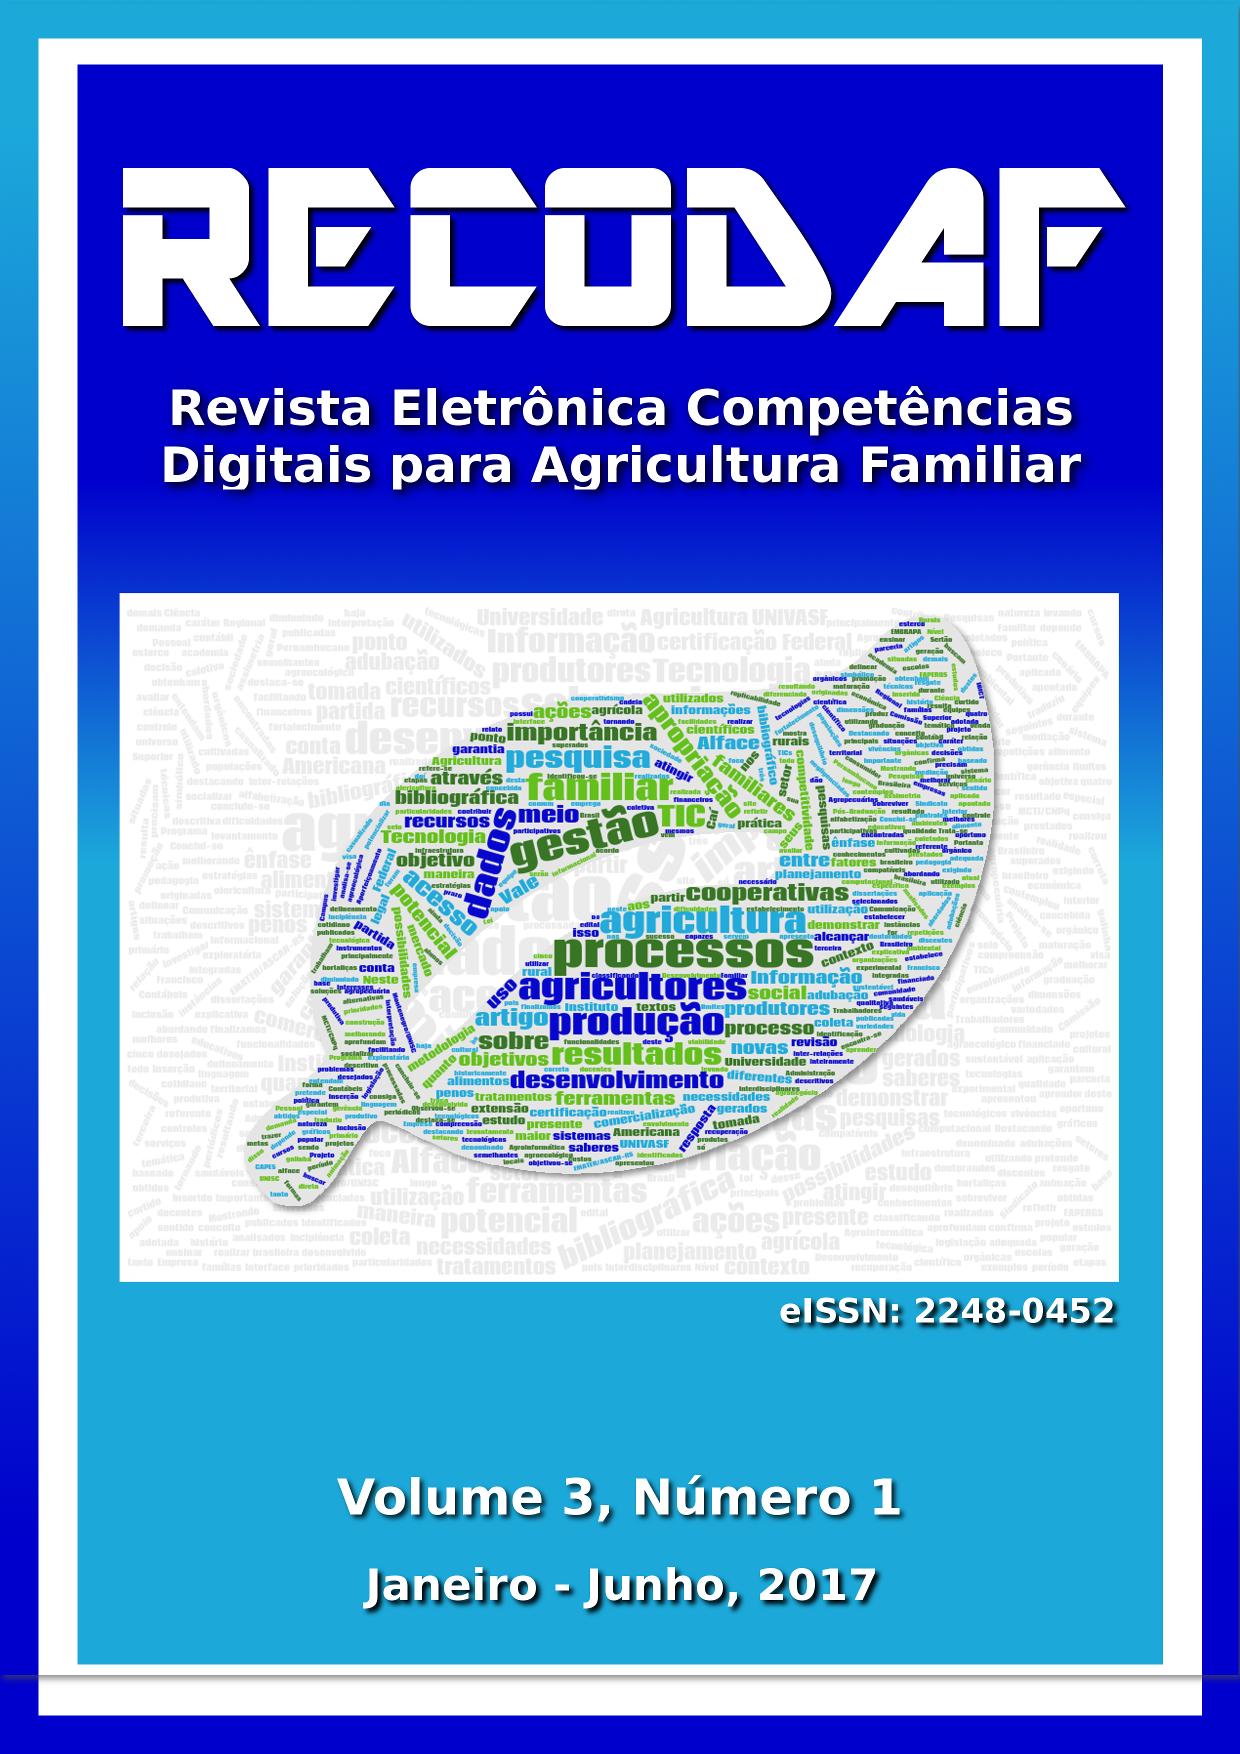 Capa da RECoDAF, volume 3, número 1 do ano de 2017.